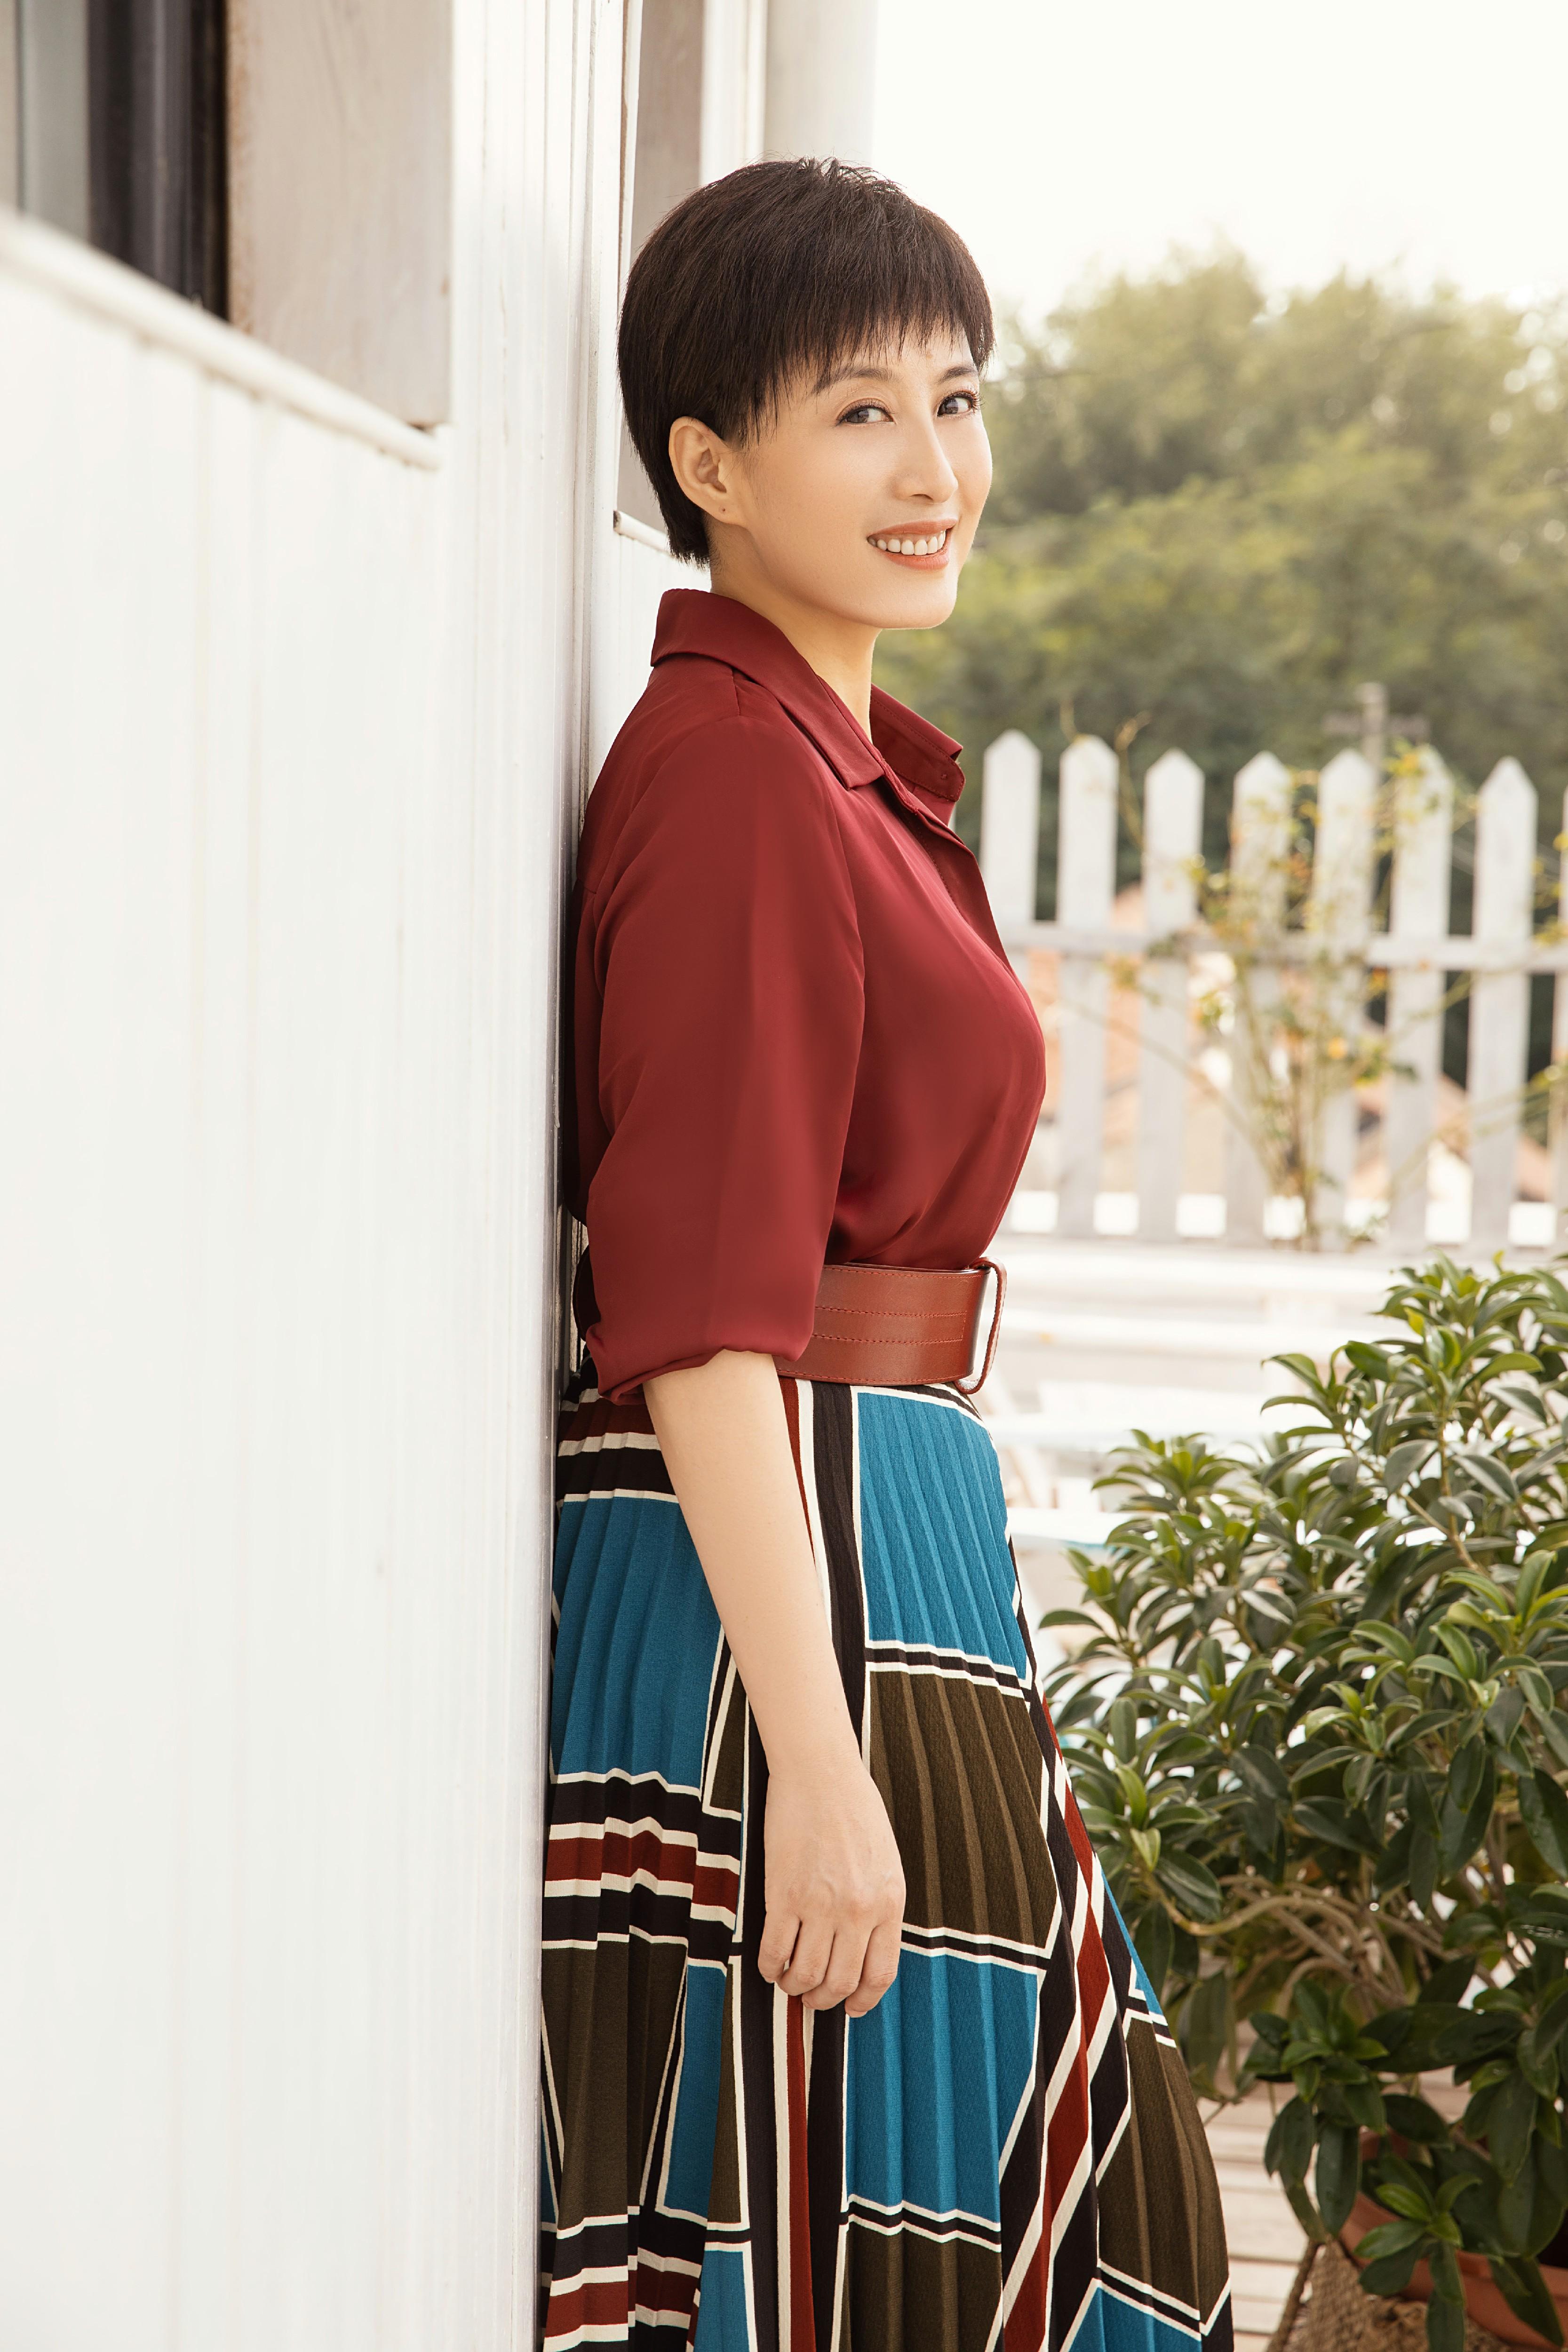 赵倩最新时尚大片出炉 风格文艺知性笑容璀璨如初